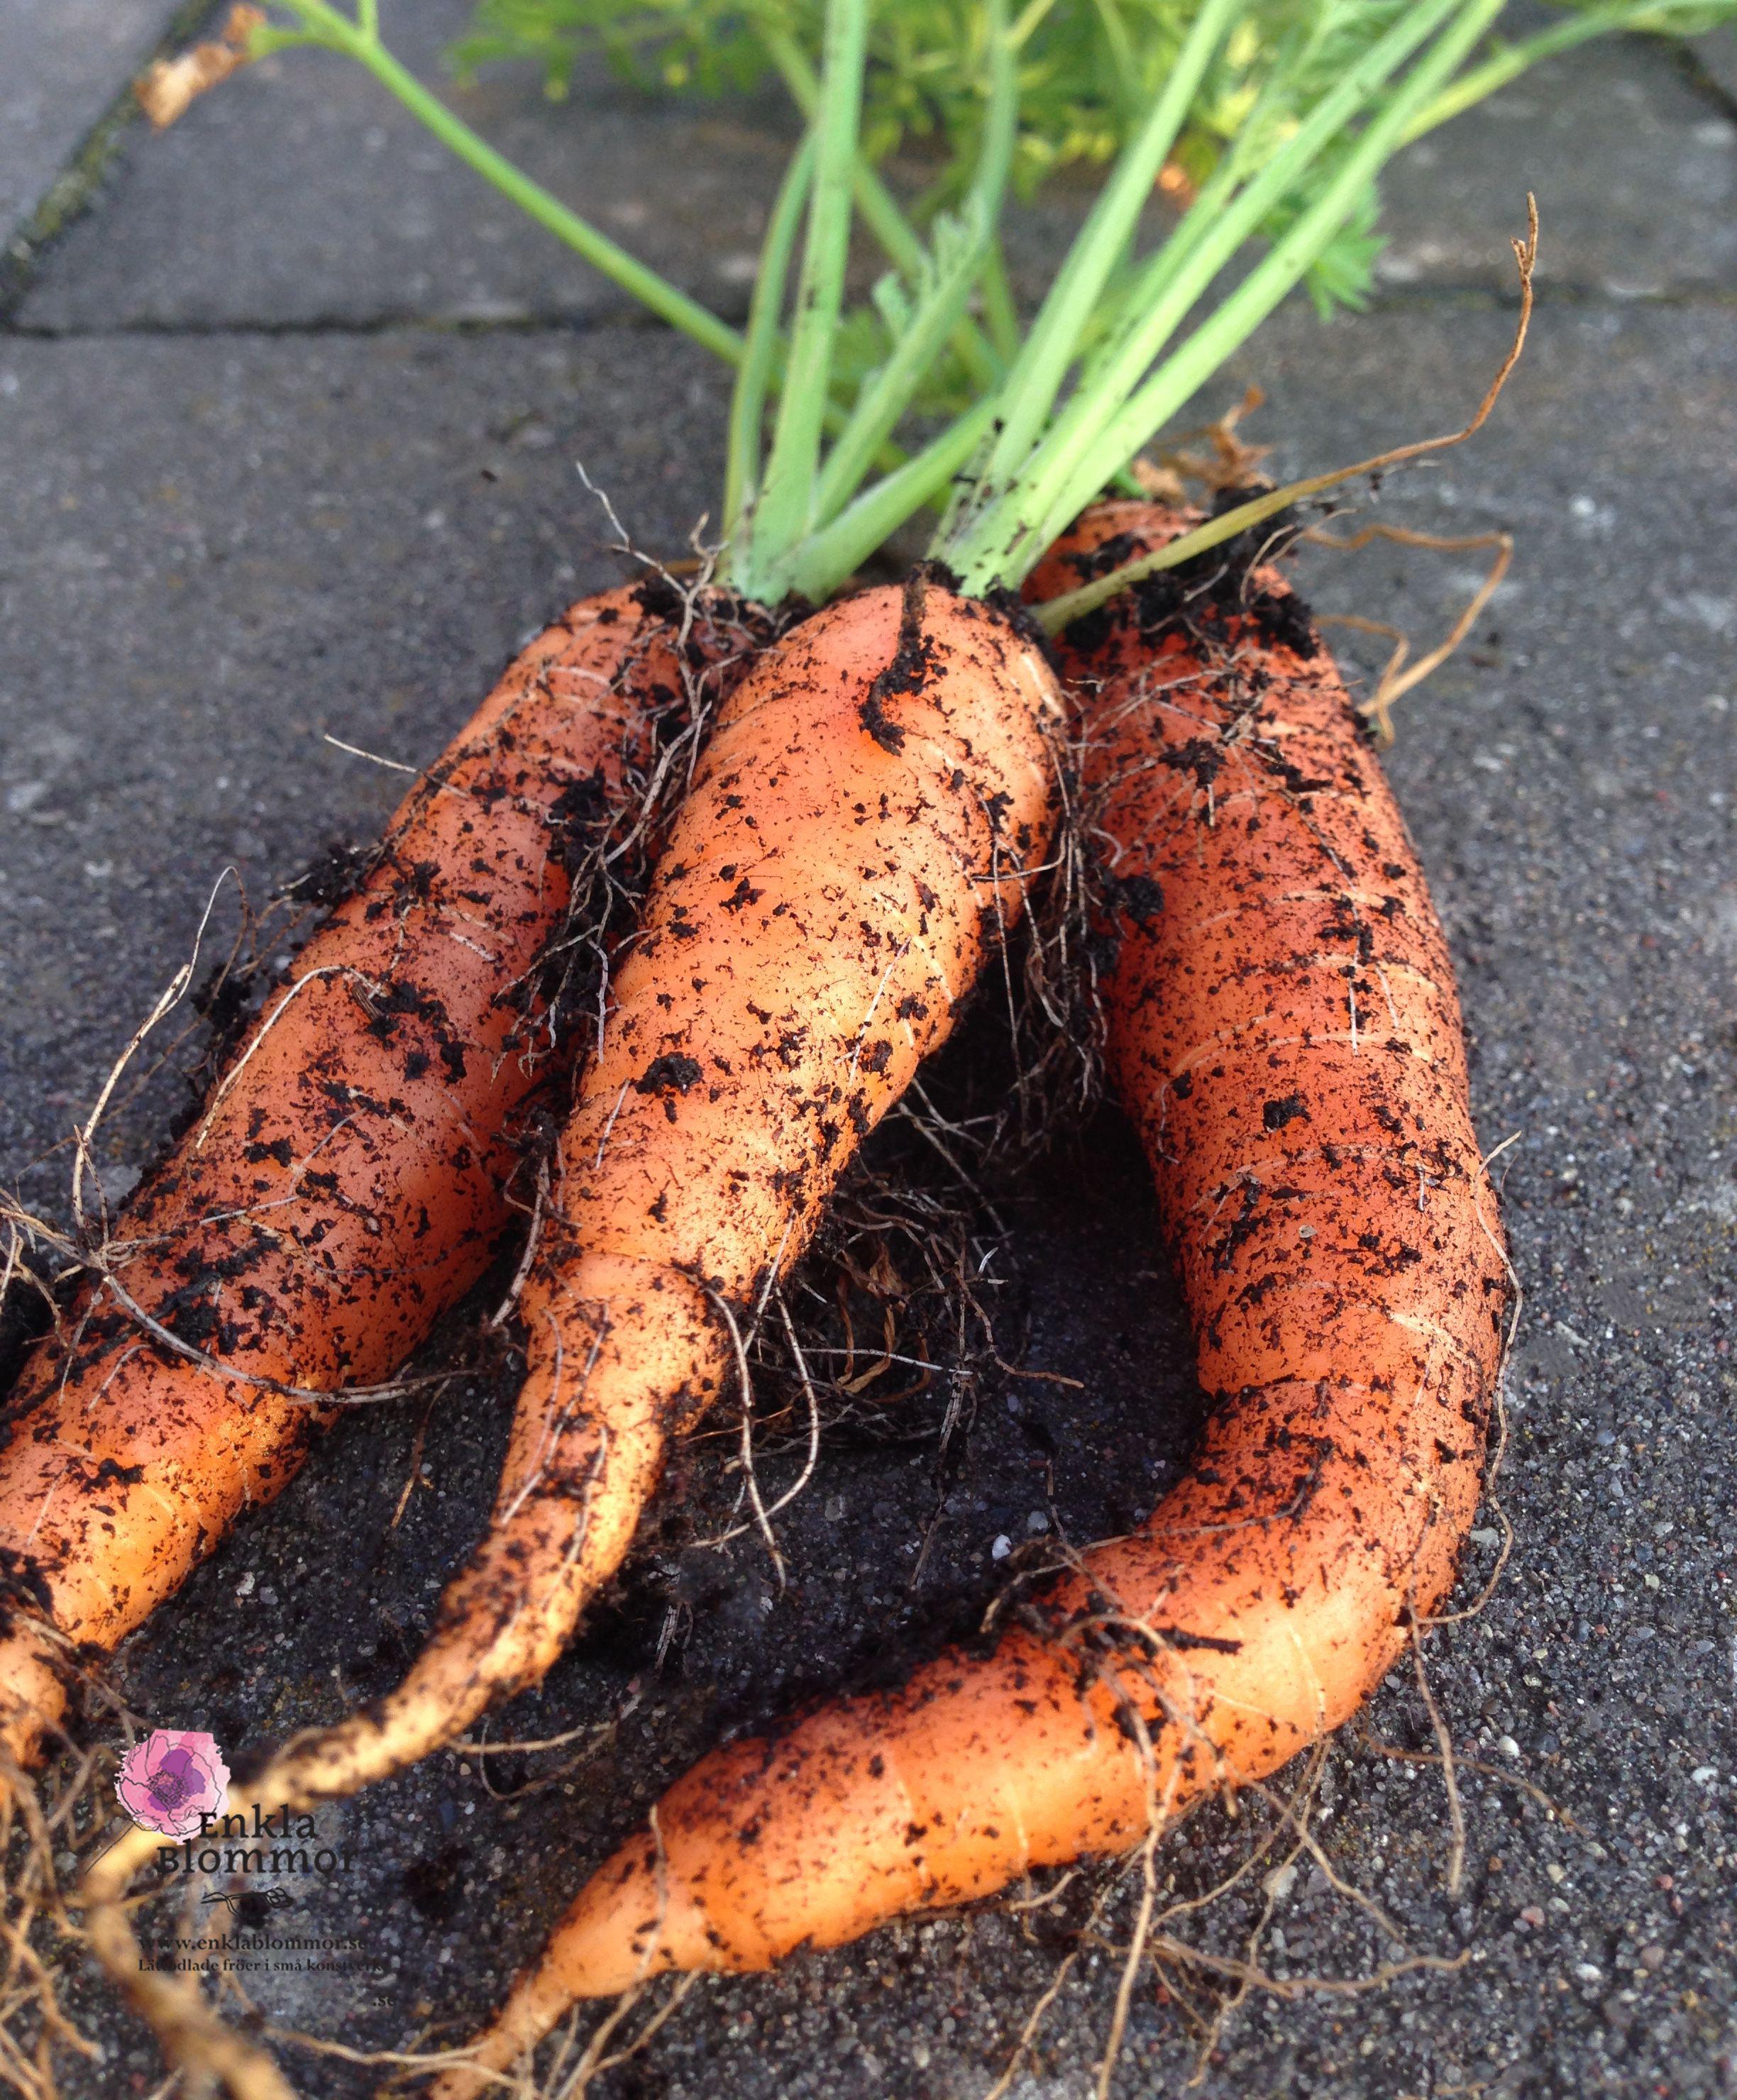 Odla grönsaker Morötter Perfekt att odla i pallkrage Eller odla med barn, flera olika f